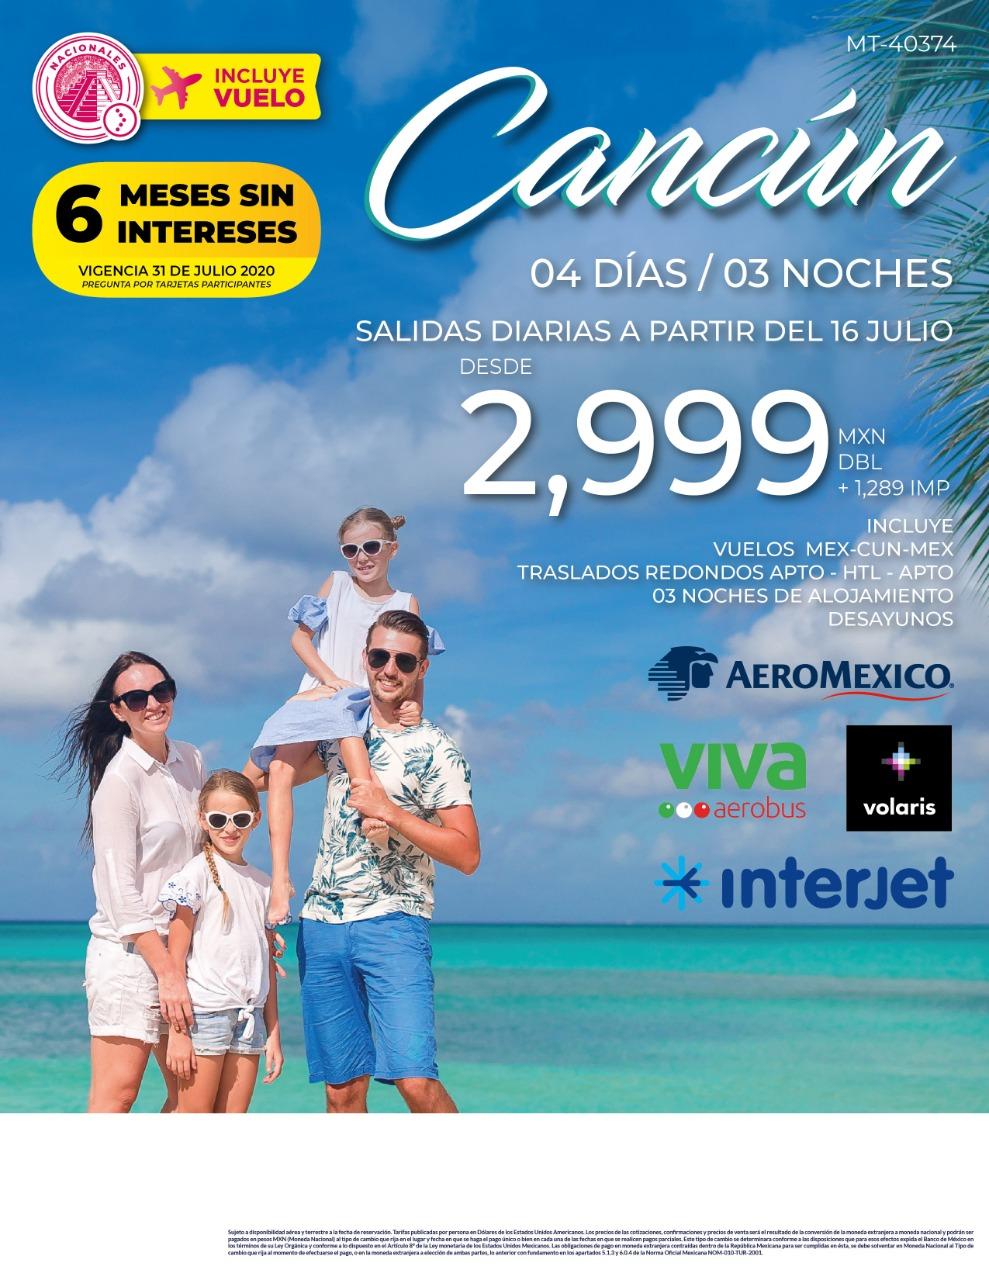 https://0201.nccdn.net/1_2/000/000/143/325/cancun.jpeg